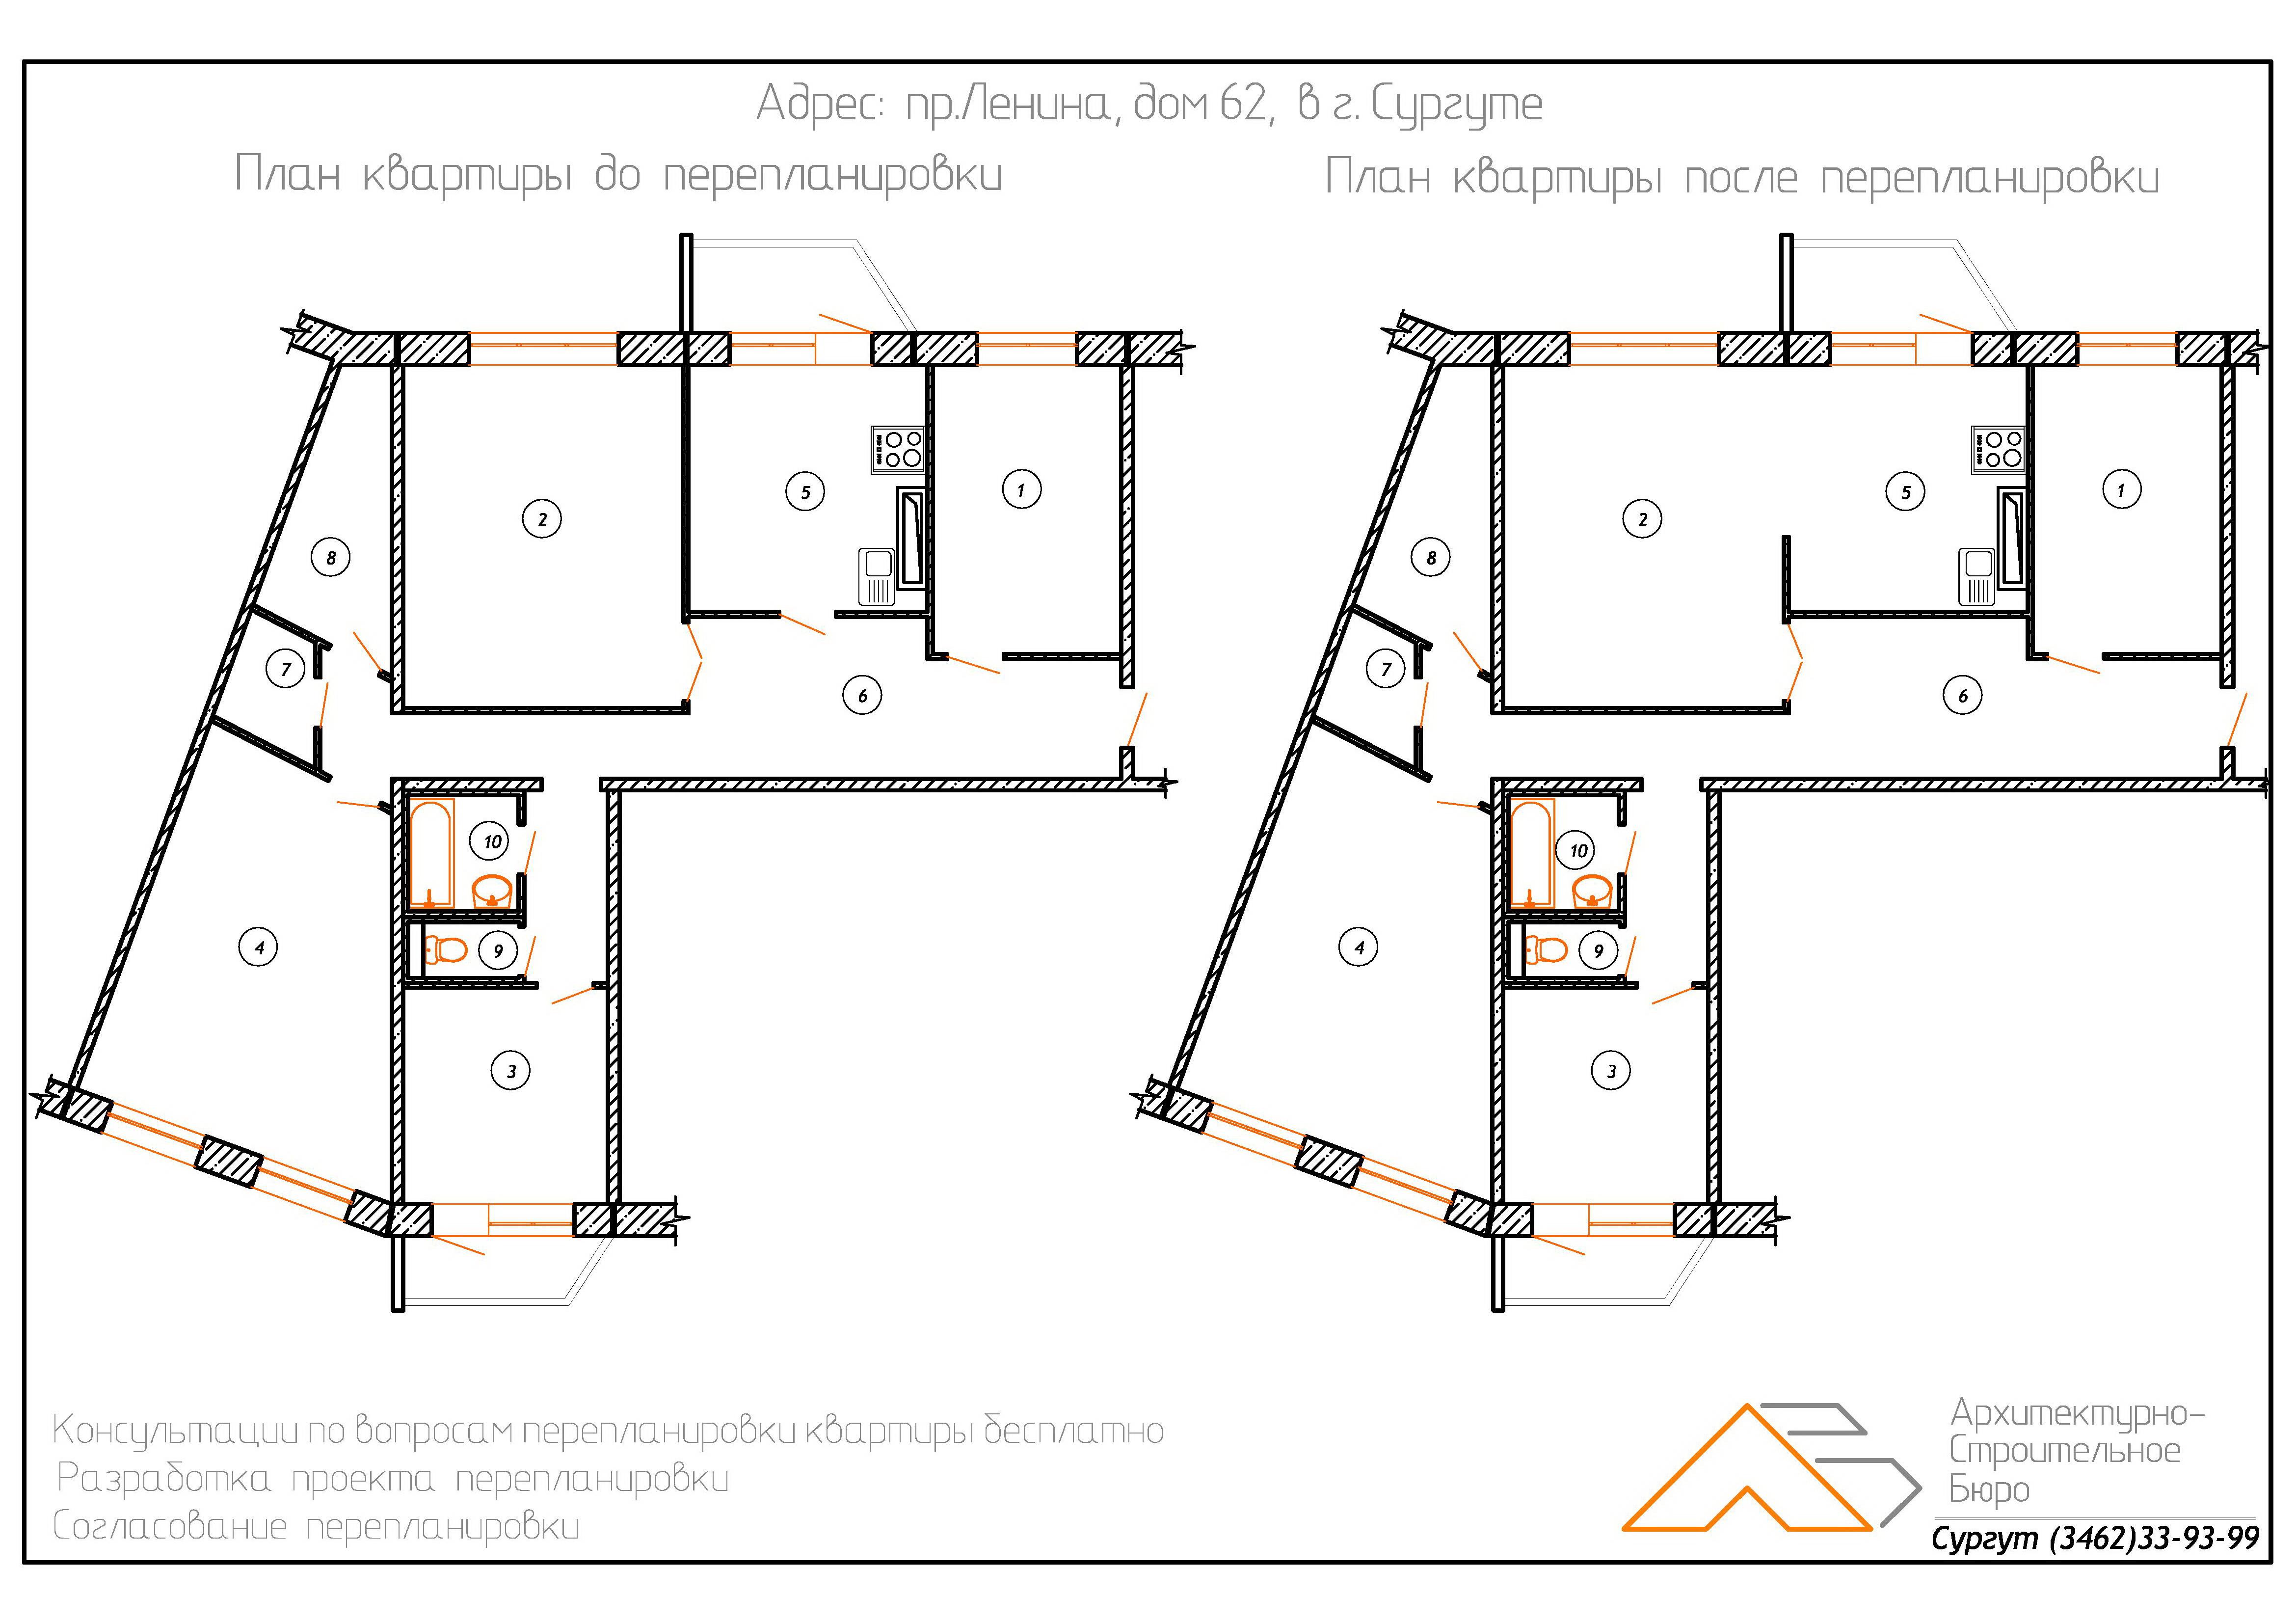 Перепланировка трехкомнатной квартиры 70,5 м2